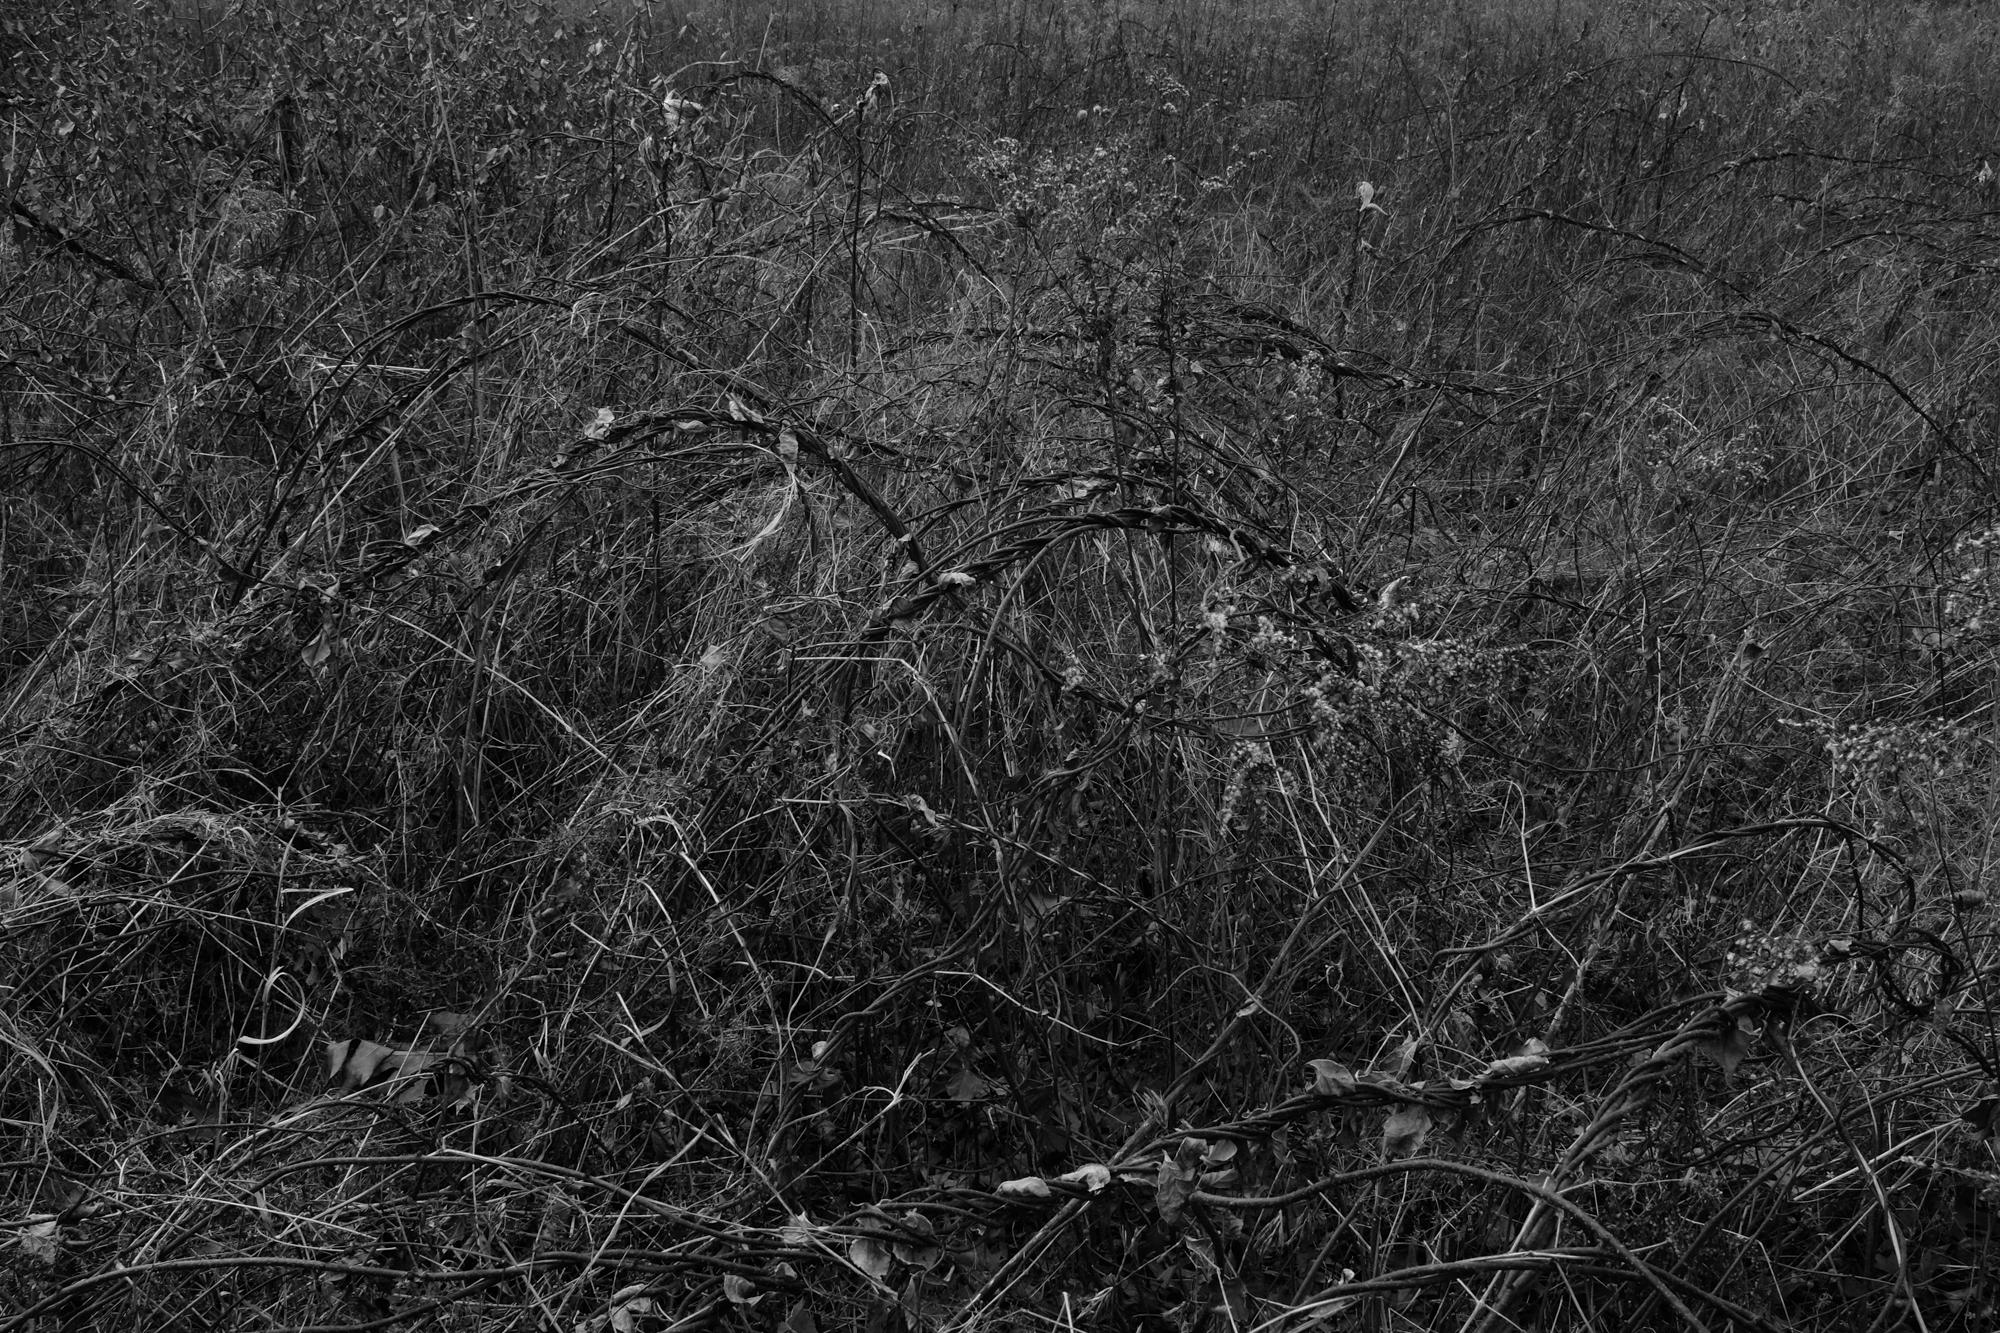 amherstfields-73.jpg